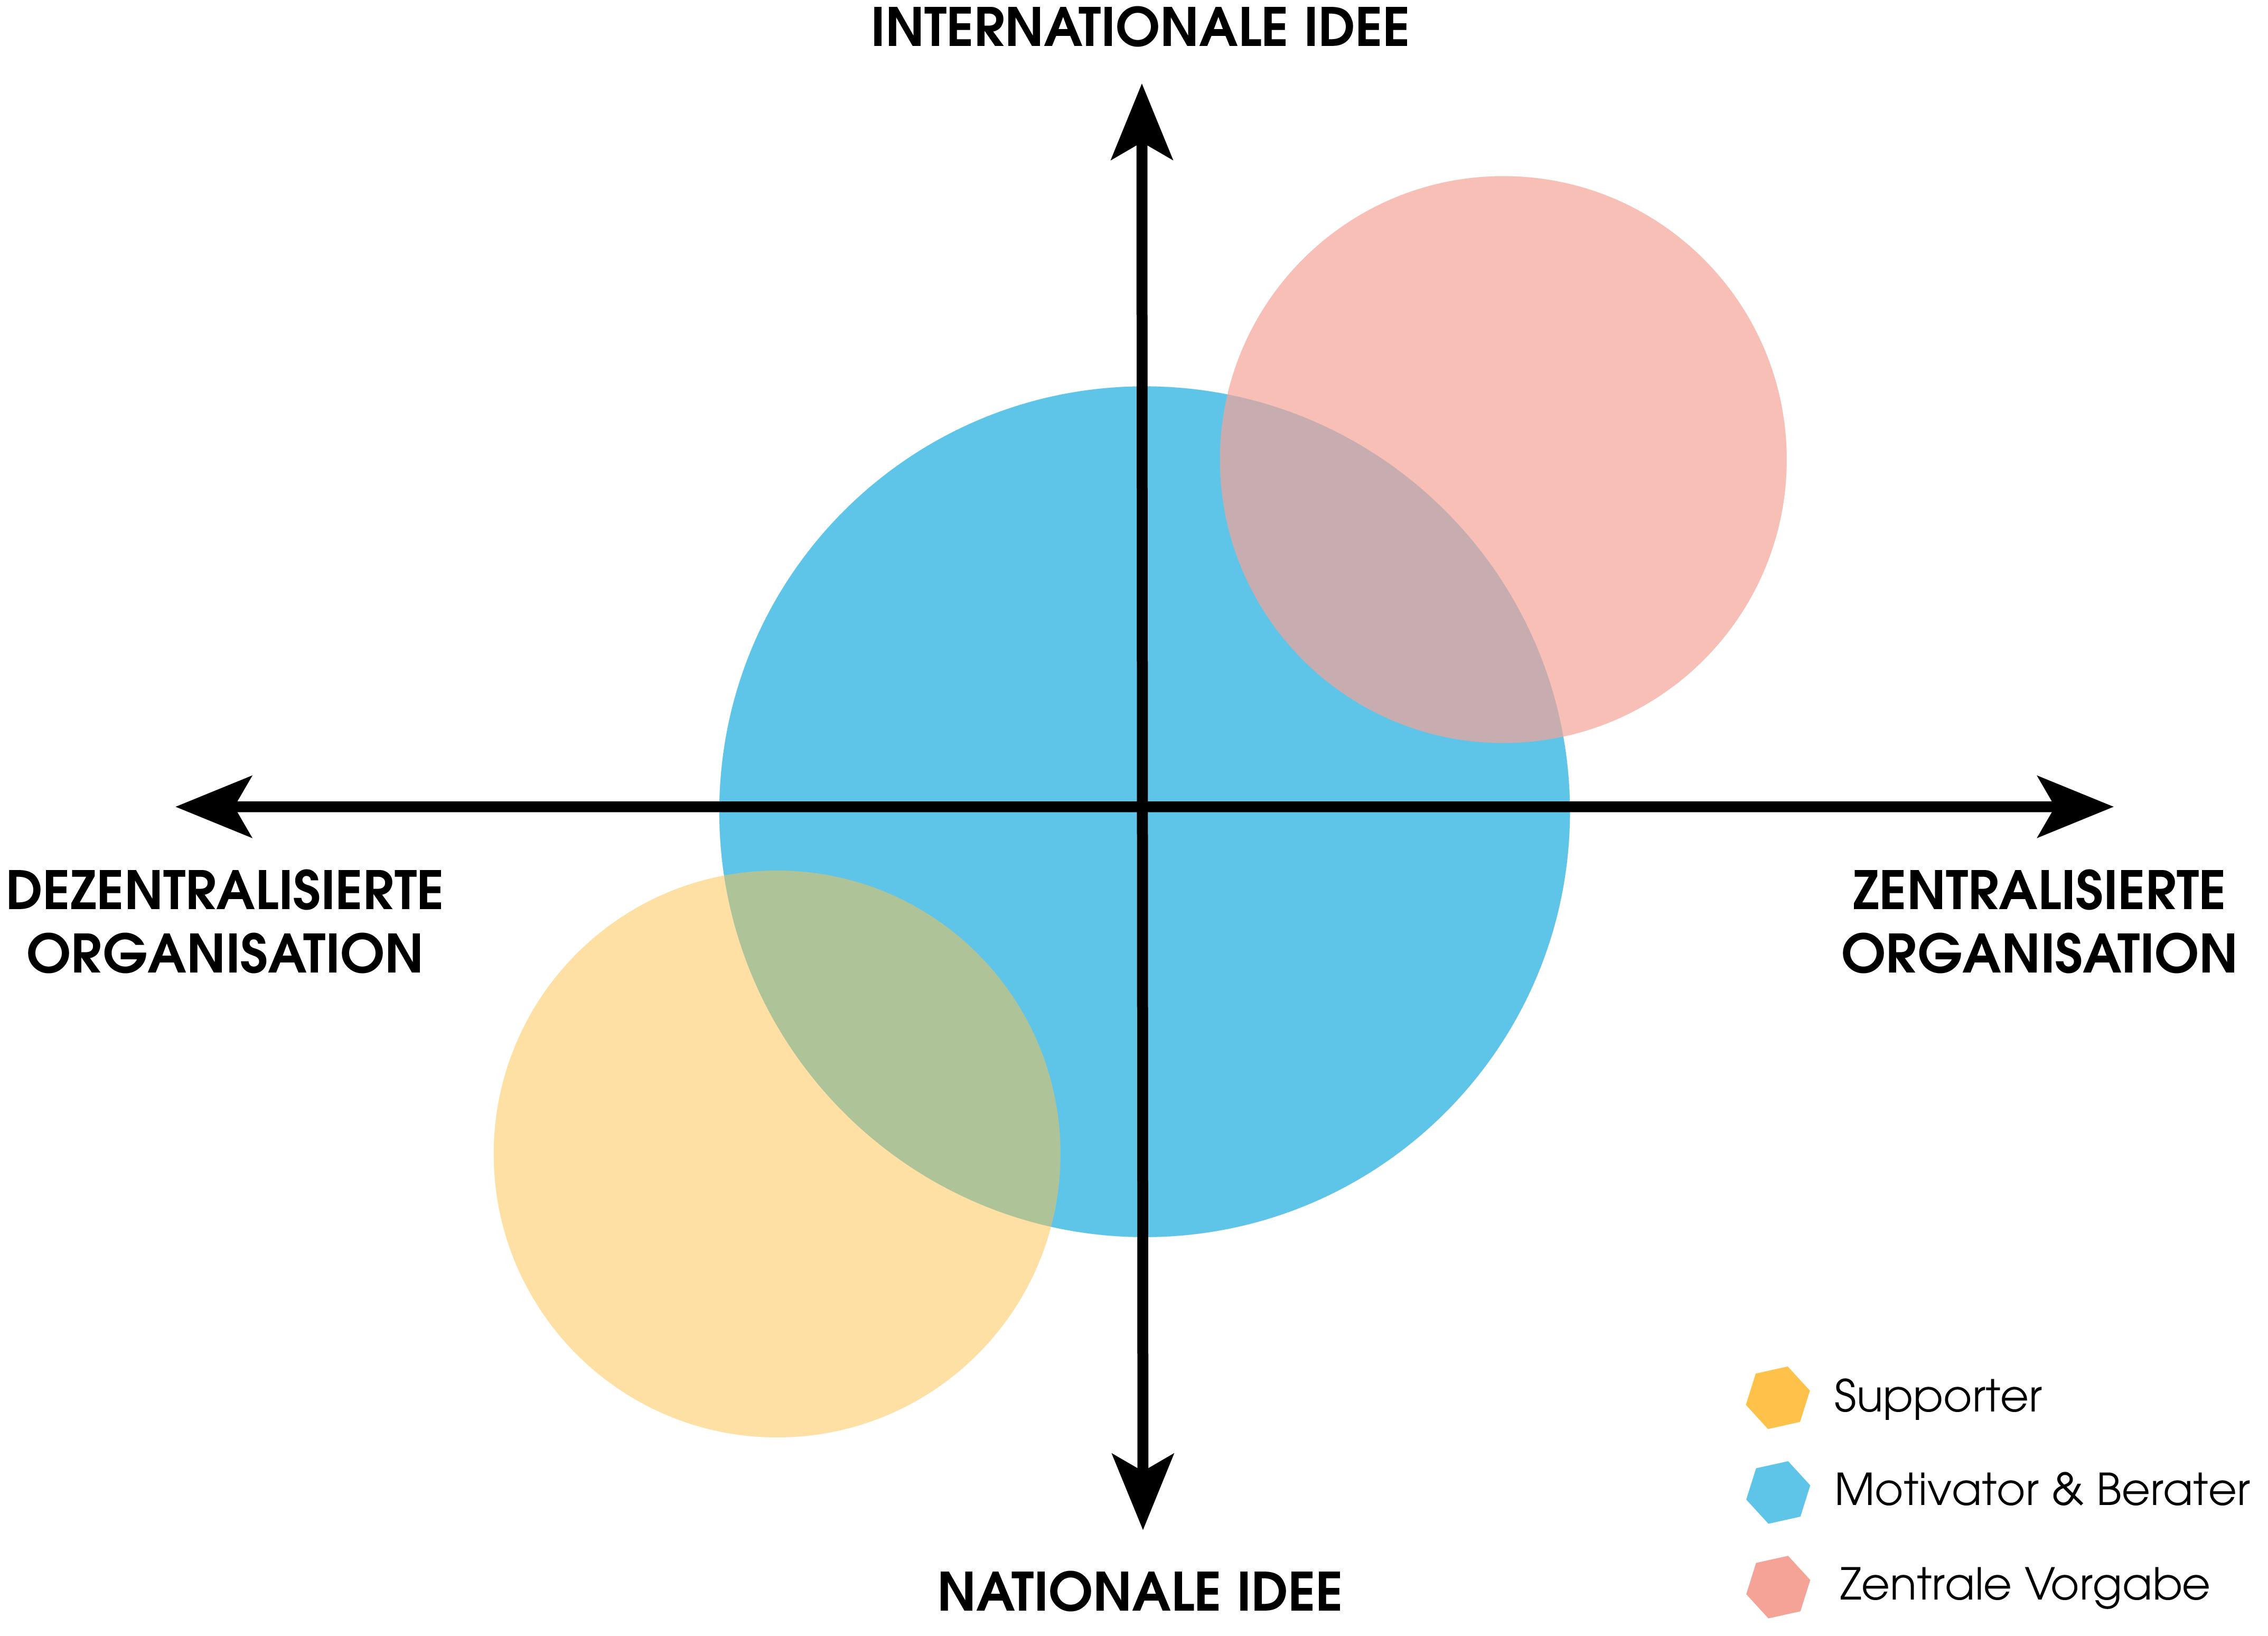 Die Grafik zeigt die unterschiedlichen Internationalisierungsstrategien. Dabei werden unterschiedliche Richtungen beachtet. Auf der x-Achse sind die Ausrichtungen der Strategie vermerkt: Zentrale Organisation (rechts) vs. dezentrale Organisation (links). Auf der y-Achse siehst Du die Ausrichtung der Idee: Nationale Idee (unten) vs. internationale Idee (oben). Die Kombination der verschiedenen Ausrichtungsmöglichkeiten resultiert in drei unterschiedlichen Haltungen, die eine Person oder ein Unternehmen annehmen kann:  1. Supporter 2. Motivator und Berater 3. Arbeiten mit zentralen Vorgaben